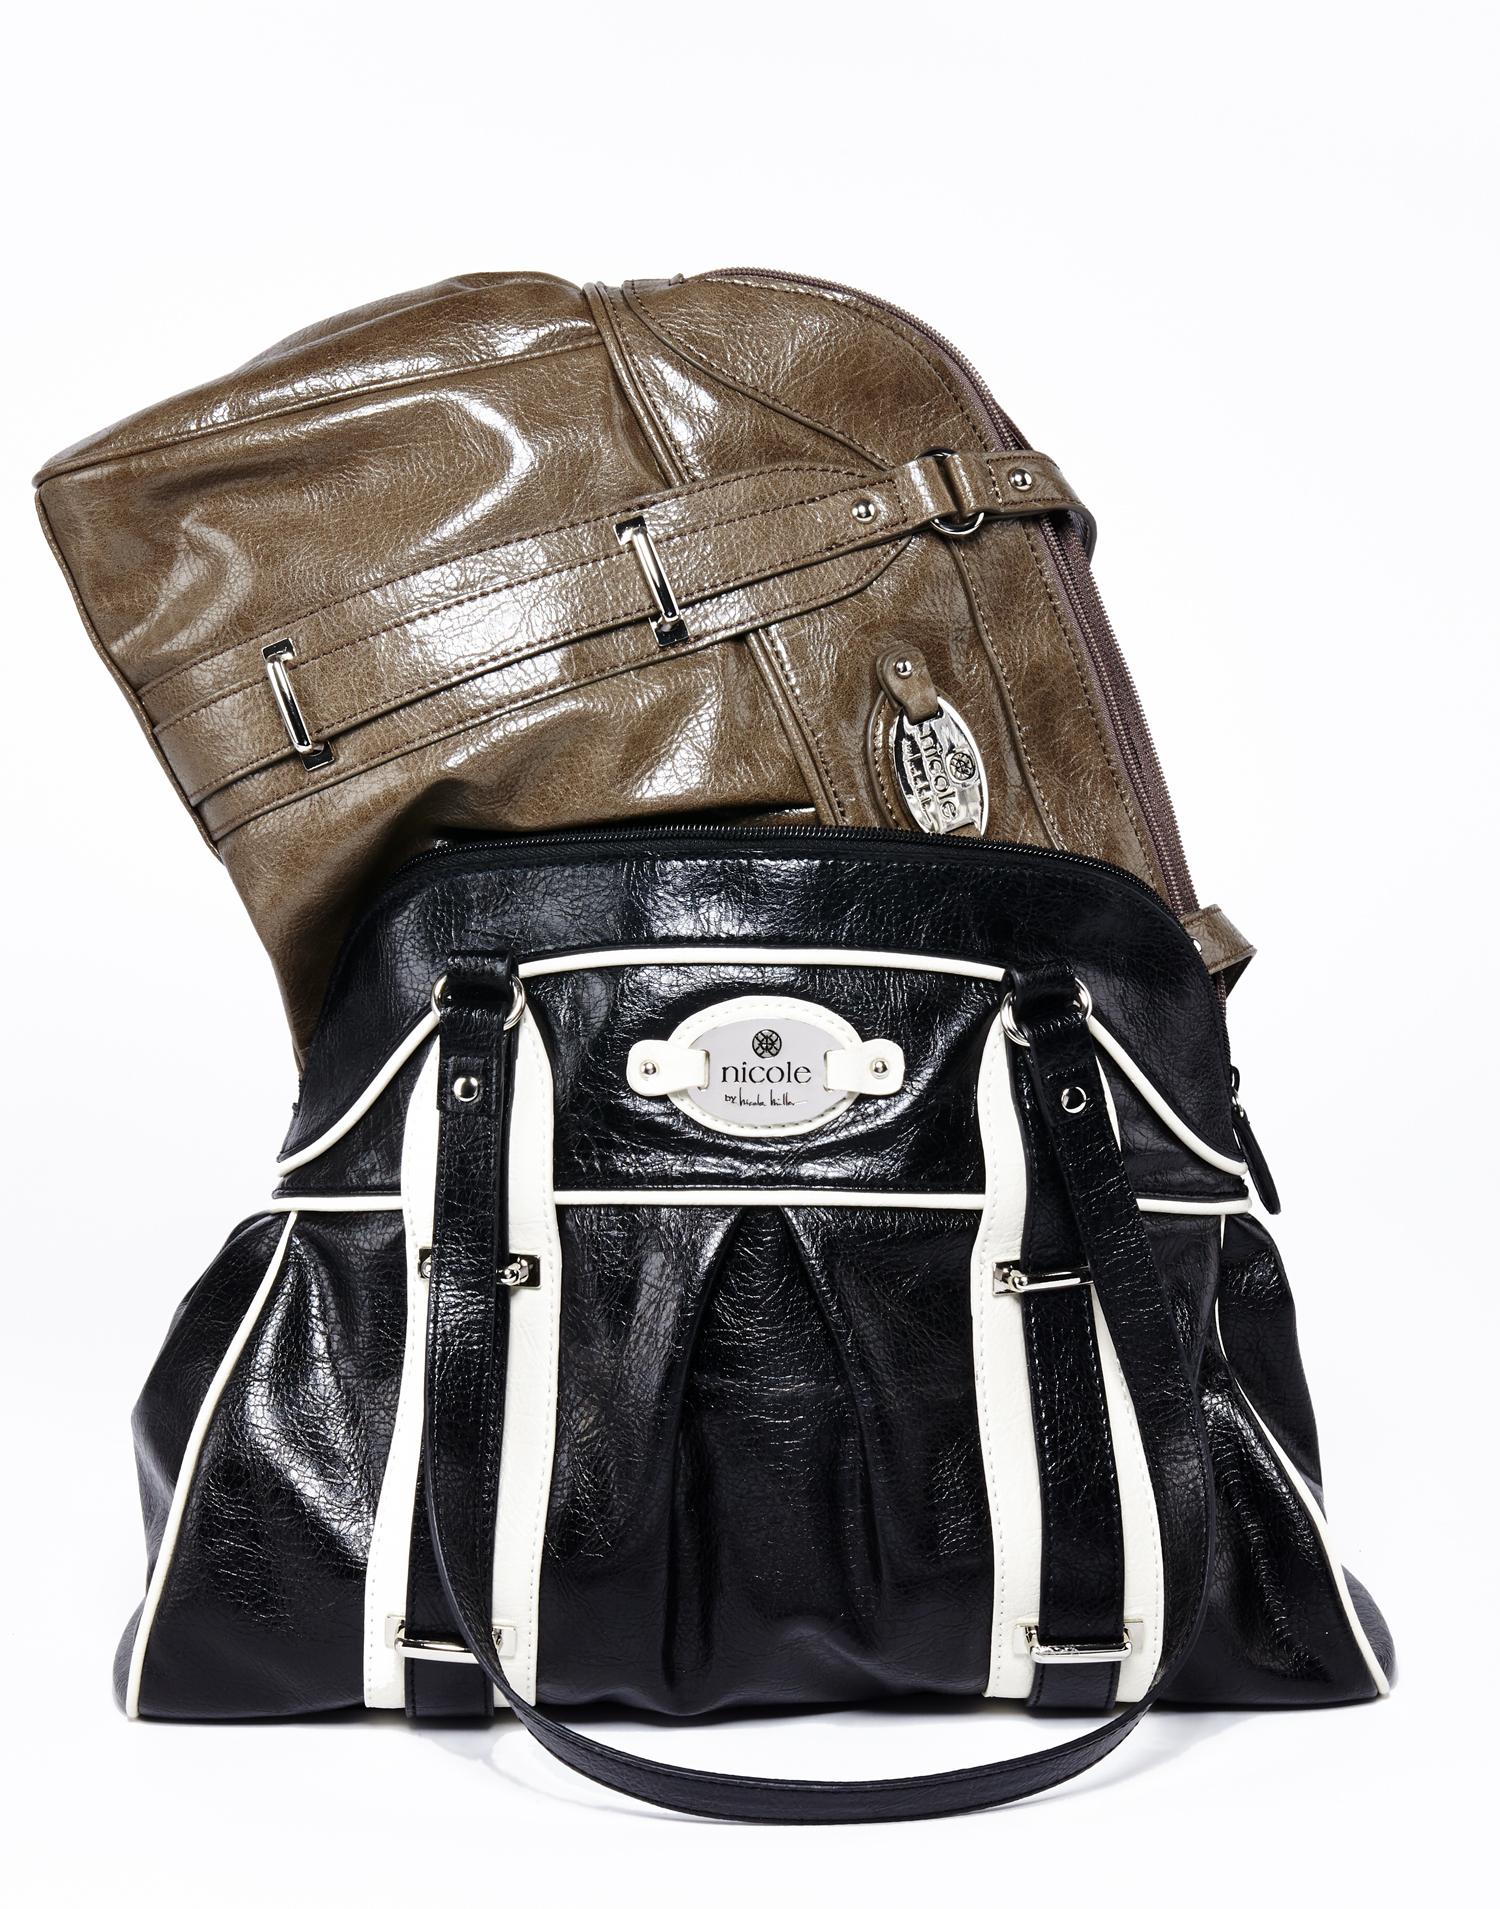 handbags shot 5.jpg